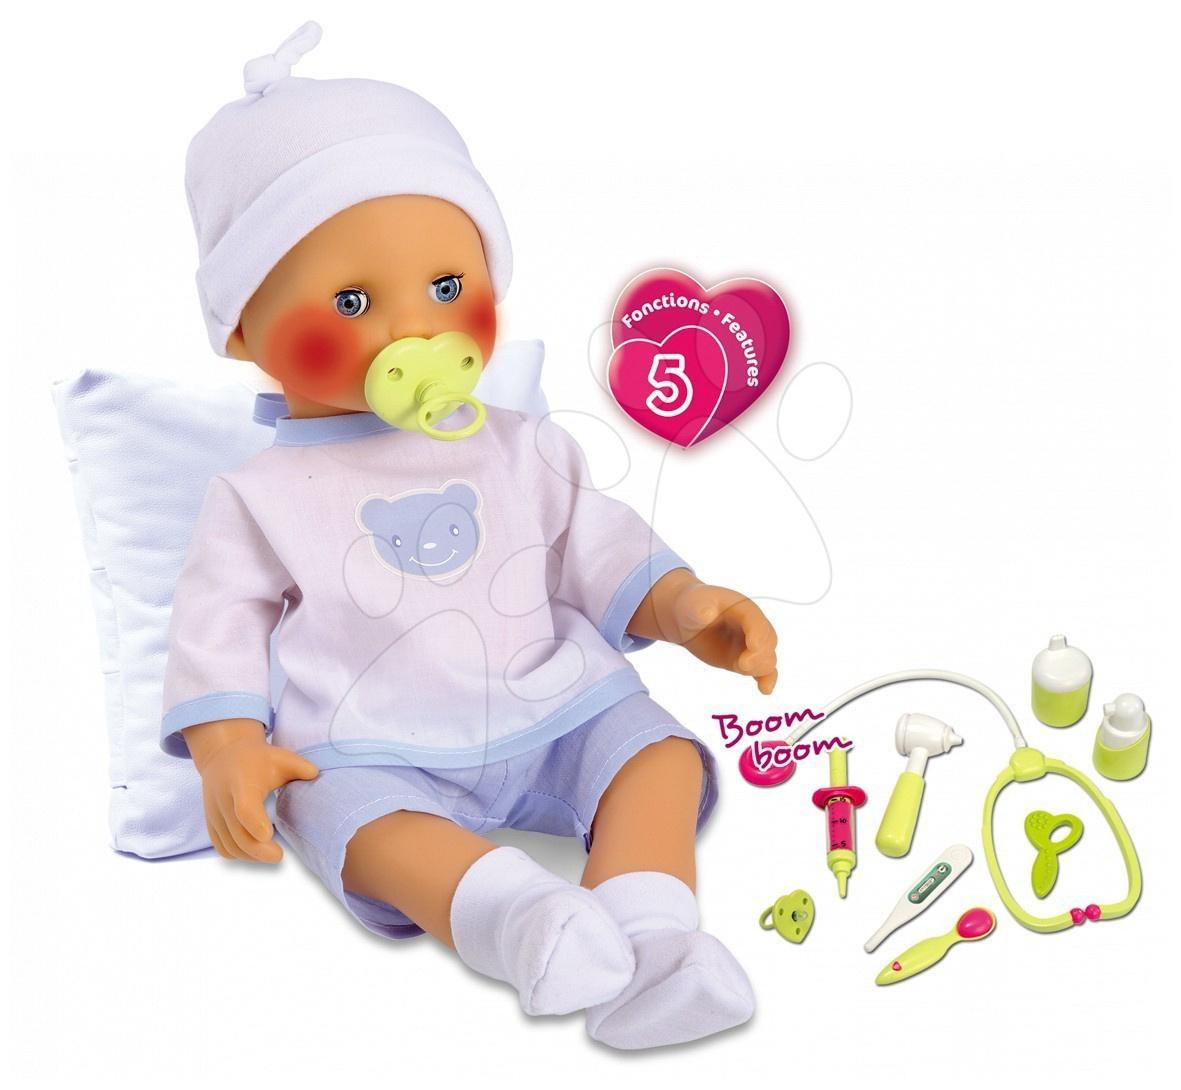 Staré položky - Baby Nurse panenka s dudlíkem Doktor Smoby 40 cm zvuková na baterii